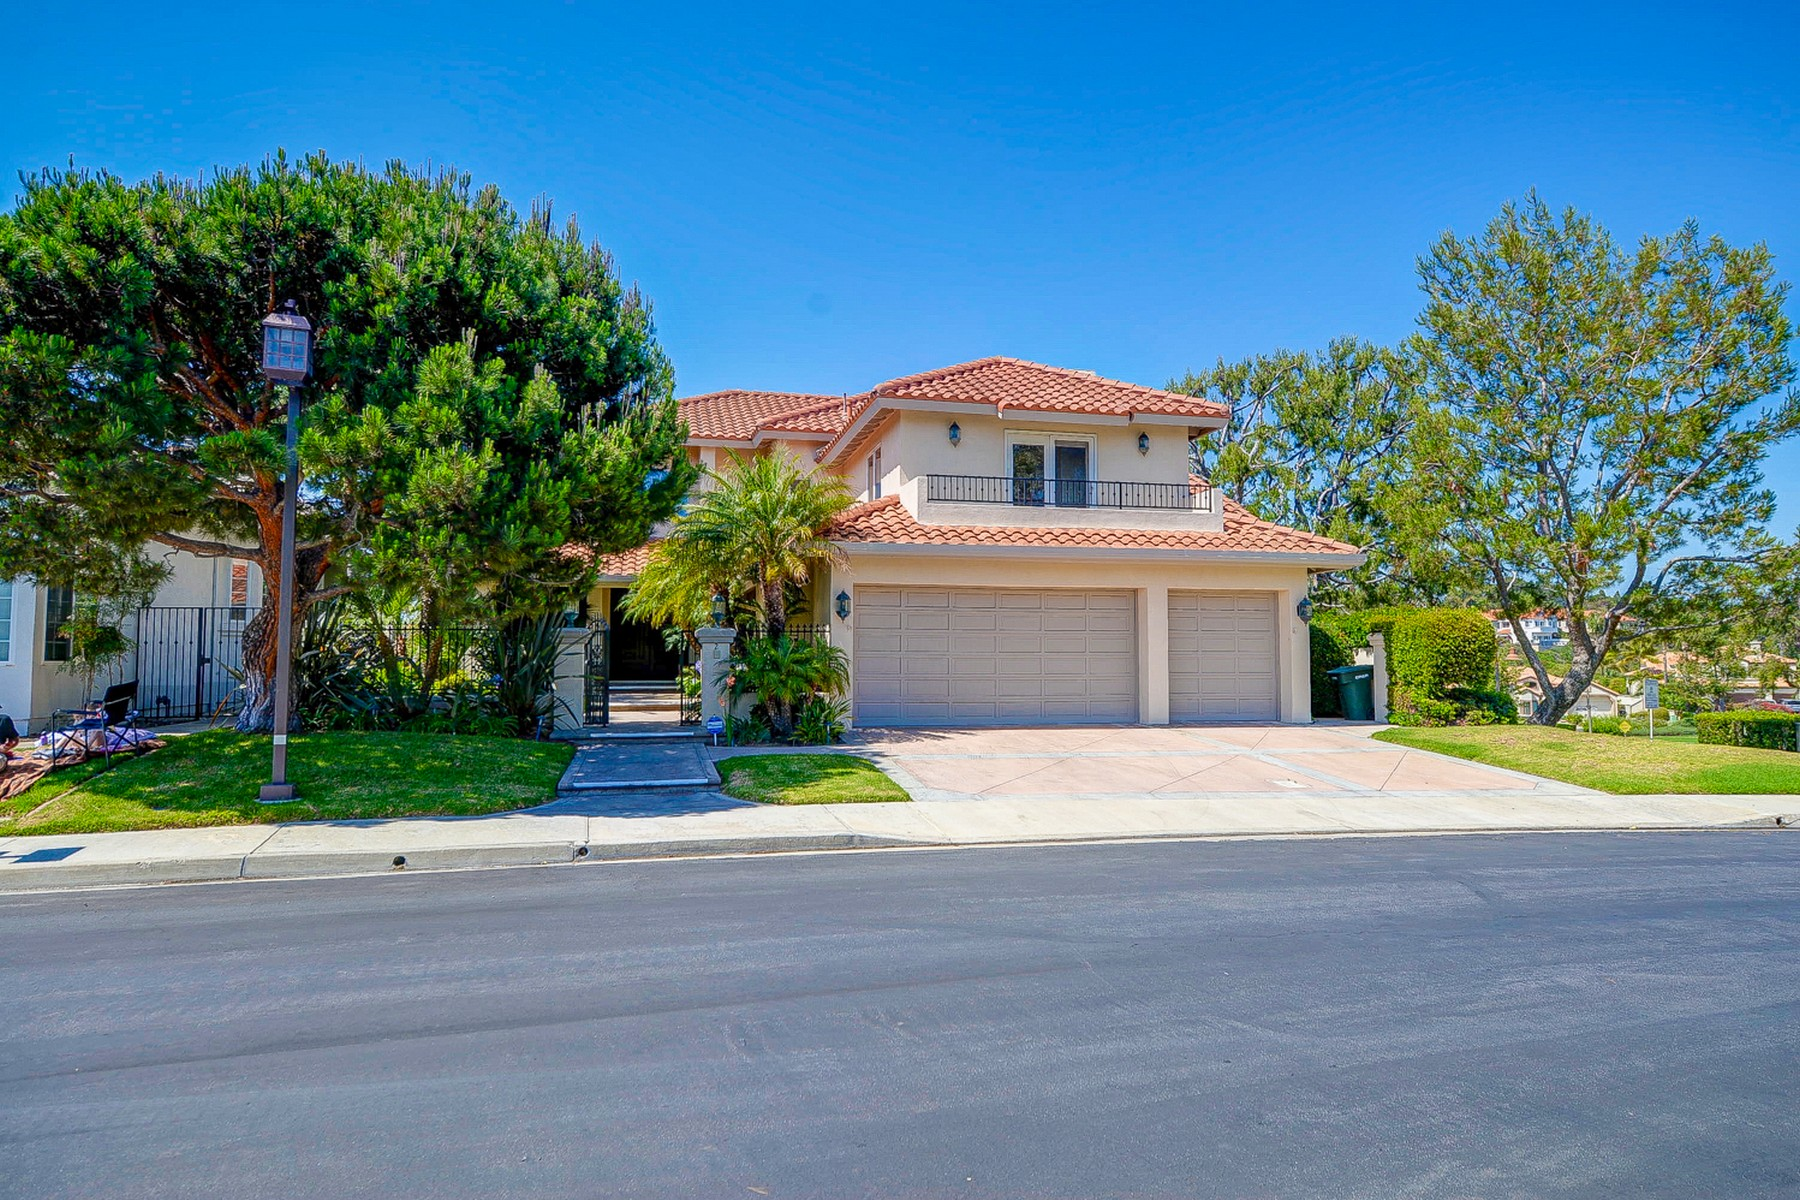 Maison unifamiliale pour l Vente à 2 Soto Grande Dr. Dana Point, Californie, 92629 États-Unis